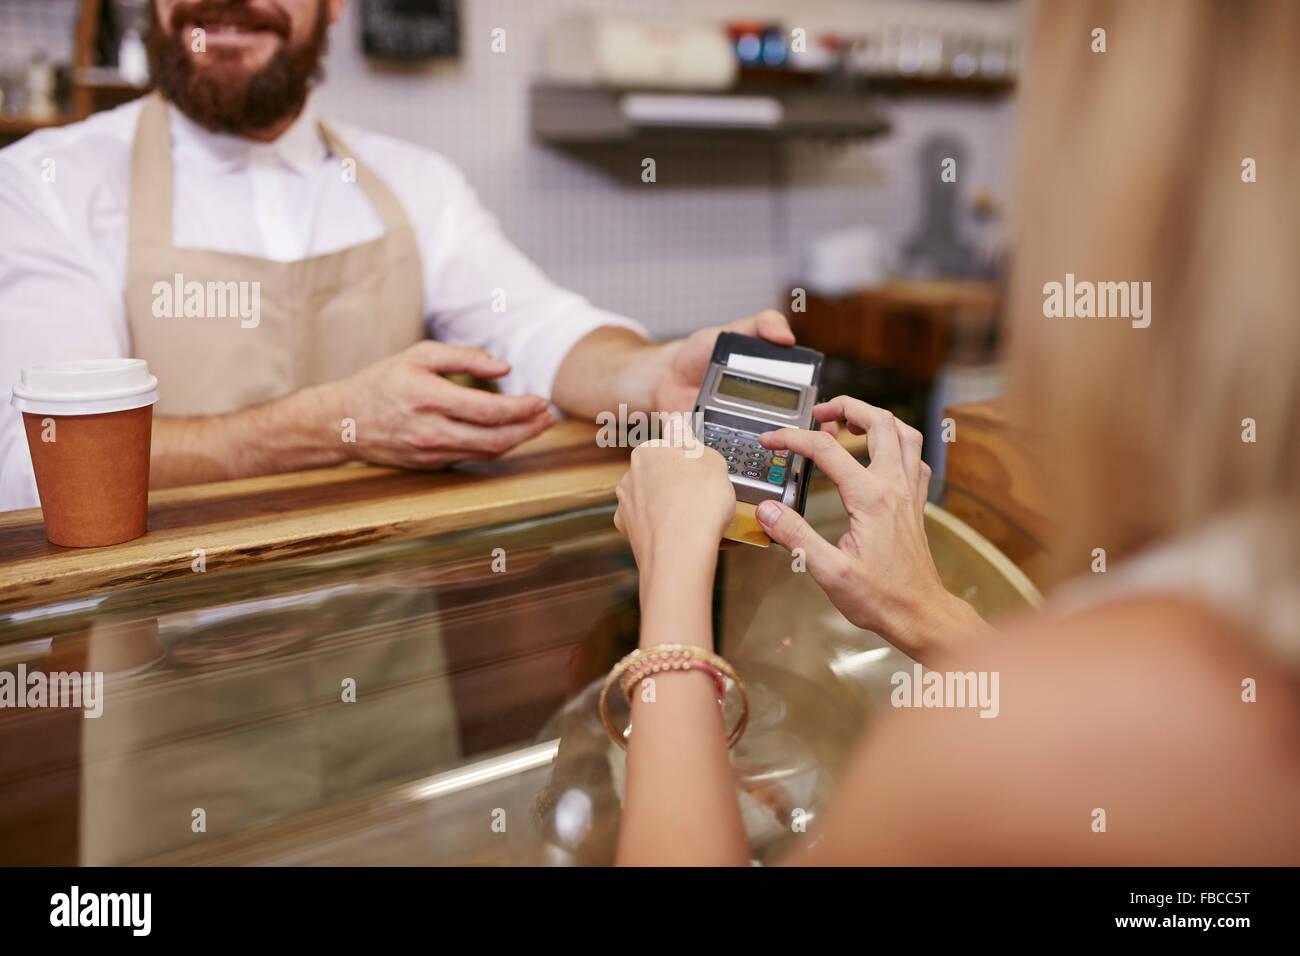 Junge Frau für Kaffee im Coffee-Shop mit Kreditkarte bezahlen. Konzentrieren Sie sich auf Frau Hände in Stockbild